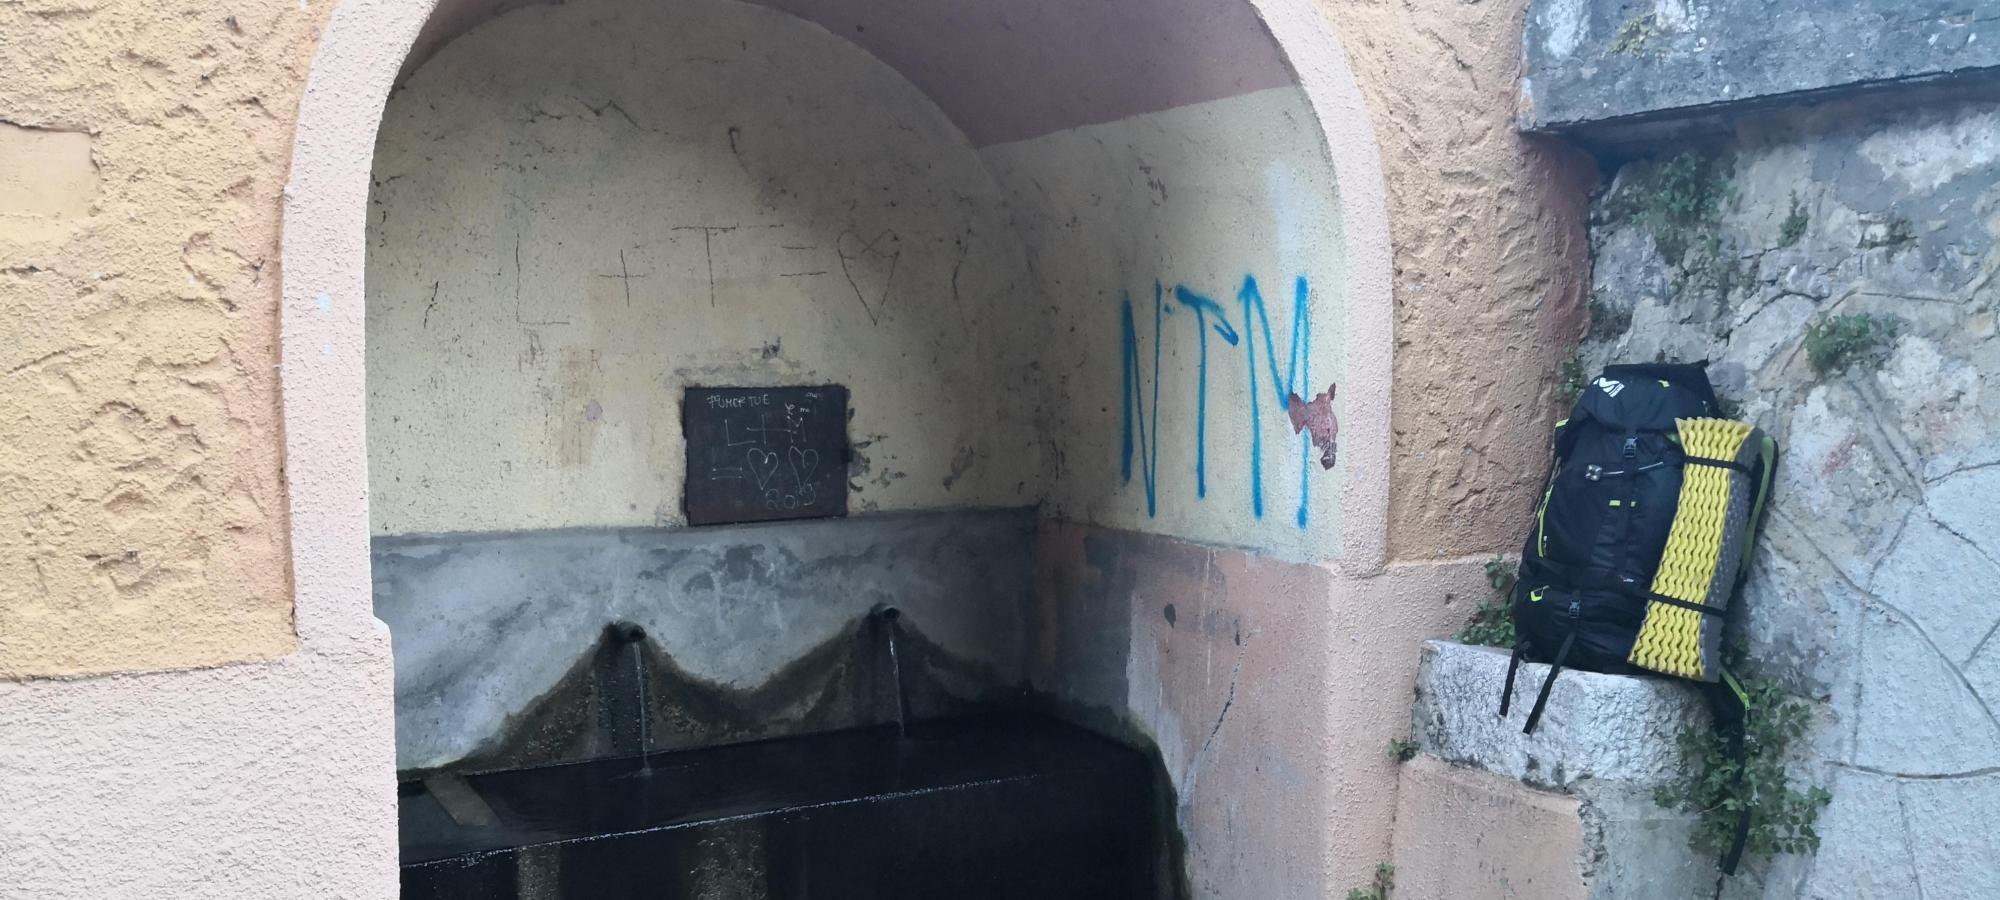 GR 51 Fontaine à Tourette